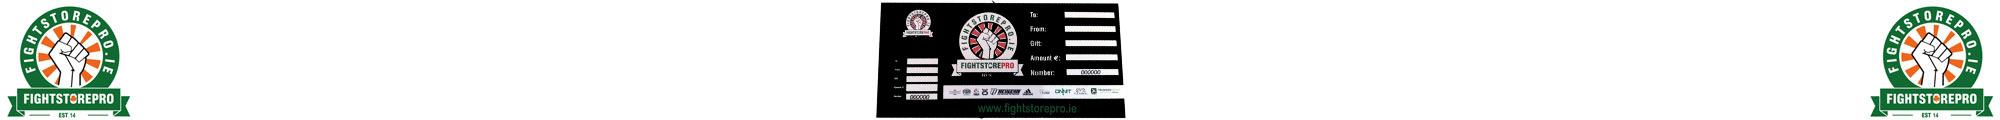 Gift Vouchers - Fightstore Ireland